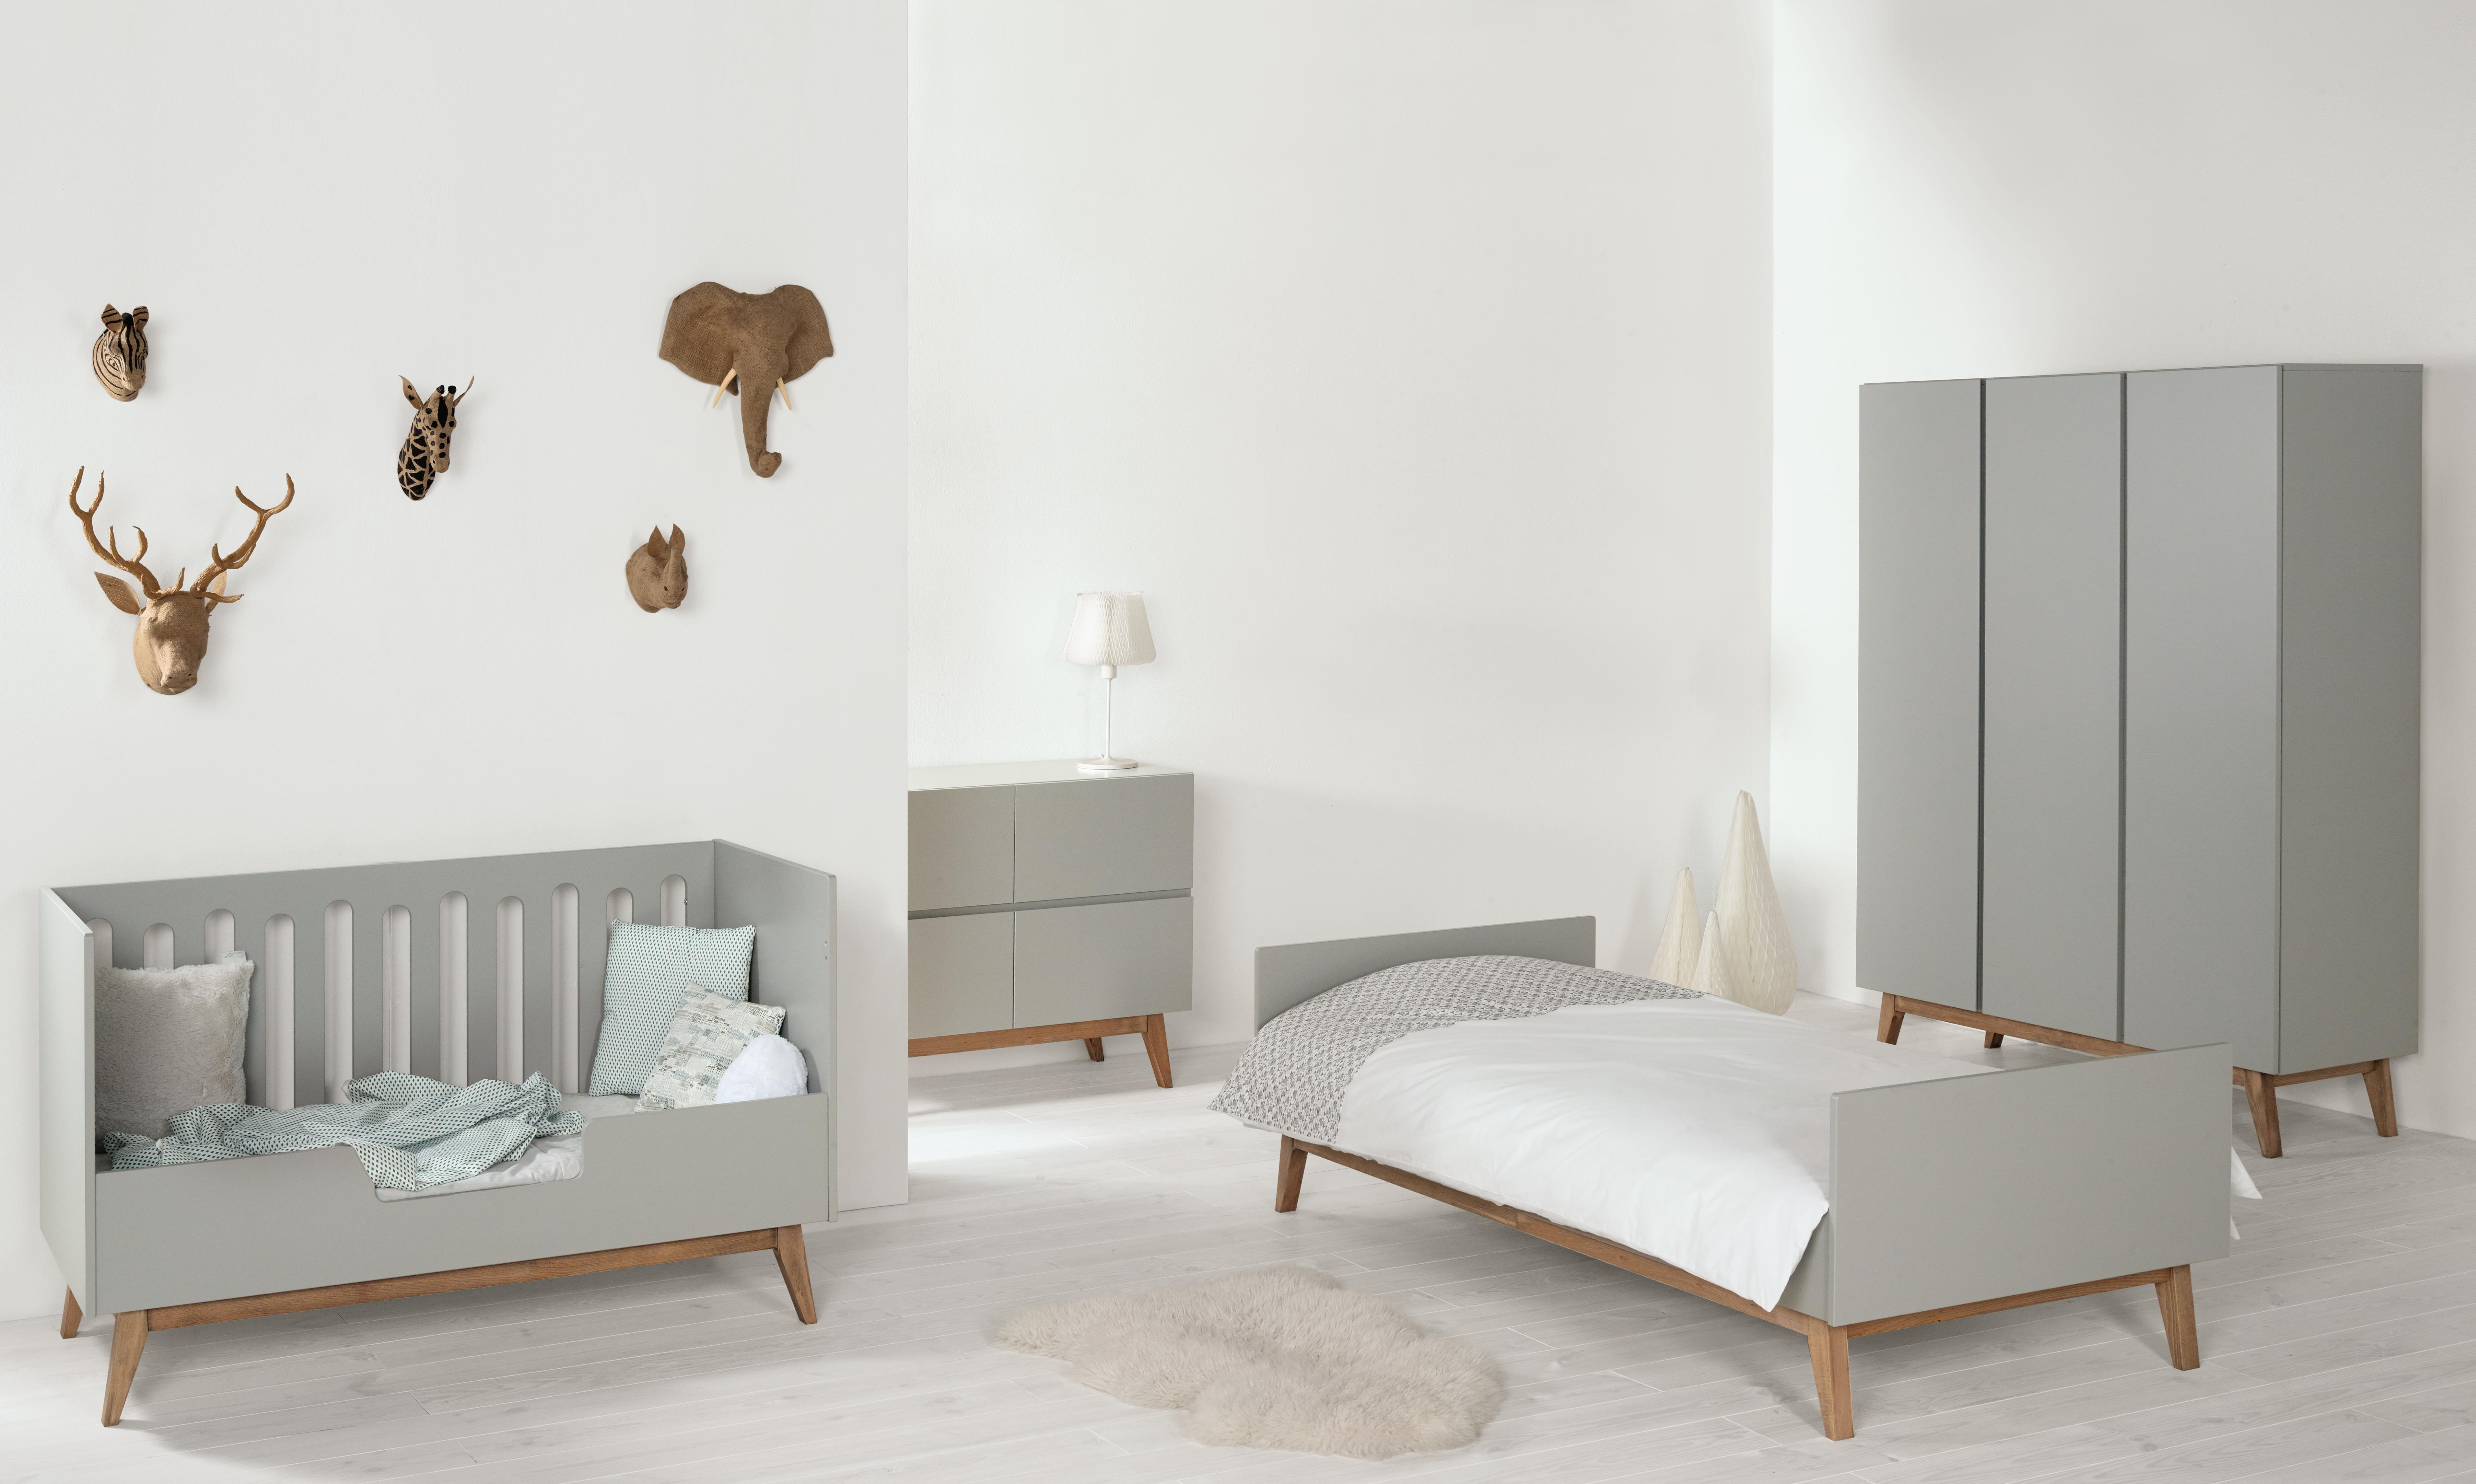 meubles articles de b b quax. Black Bedroom Furniture Sets. Home Design Ideas